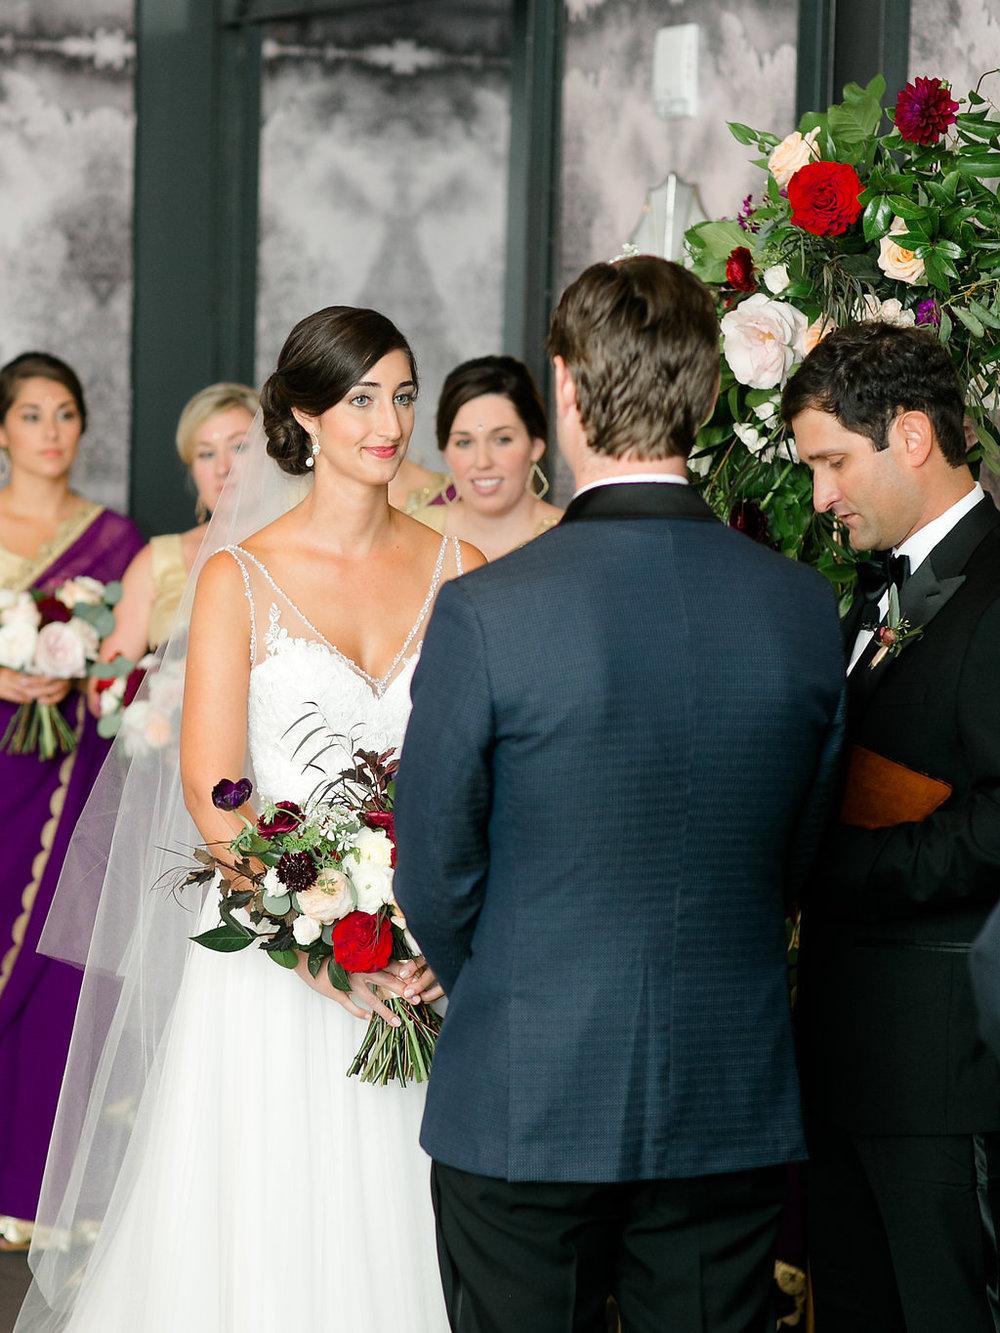 Rachel_Ben_Wedding_Hotel_Van_Zandt494.jpg